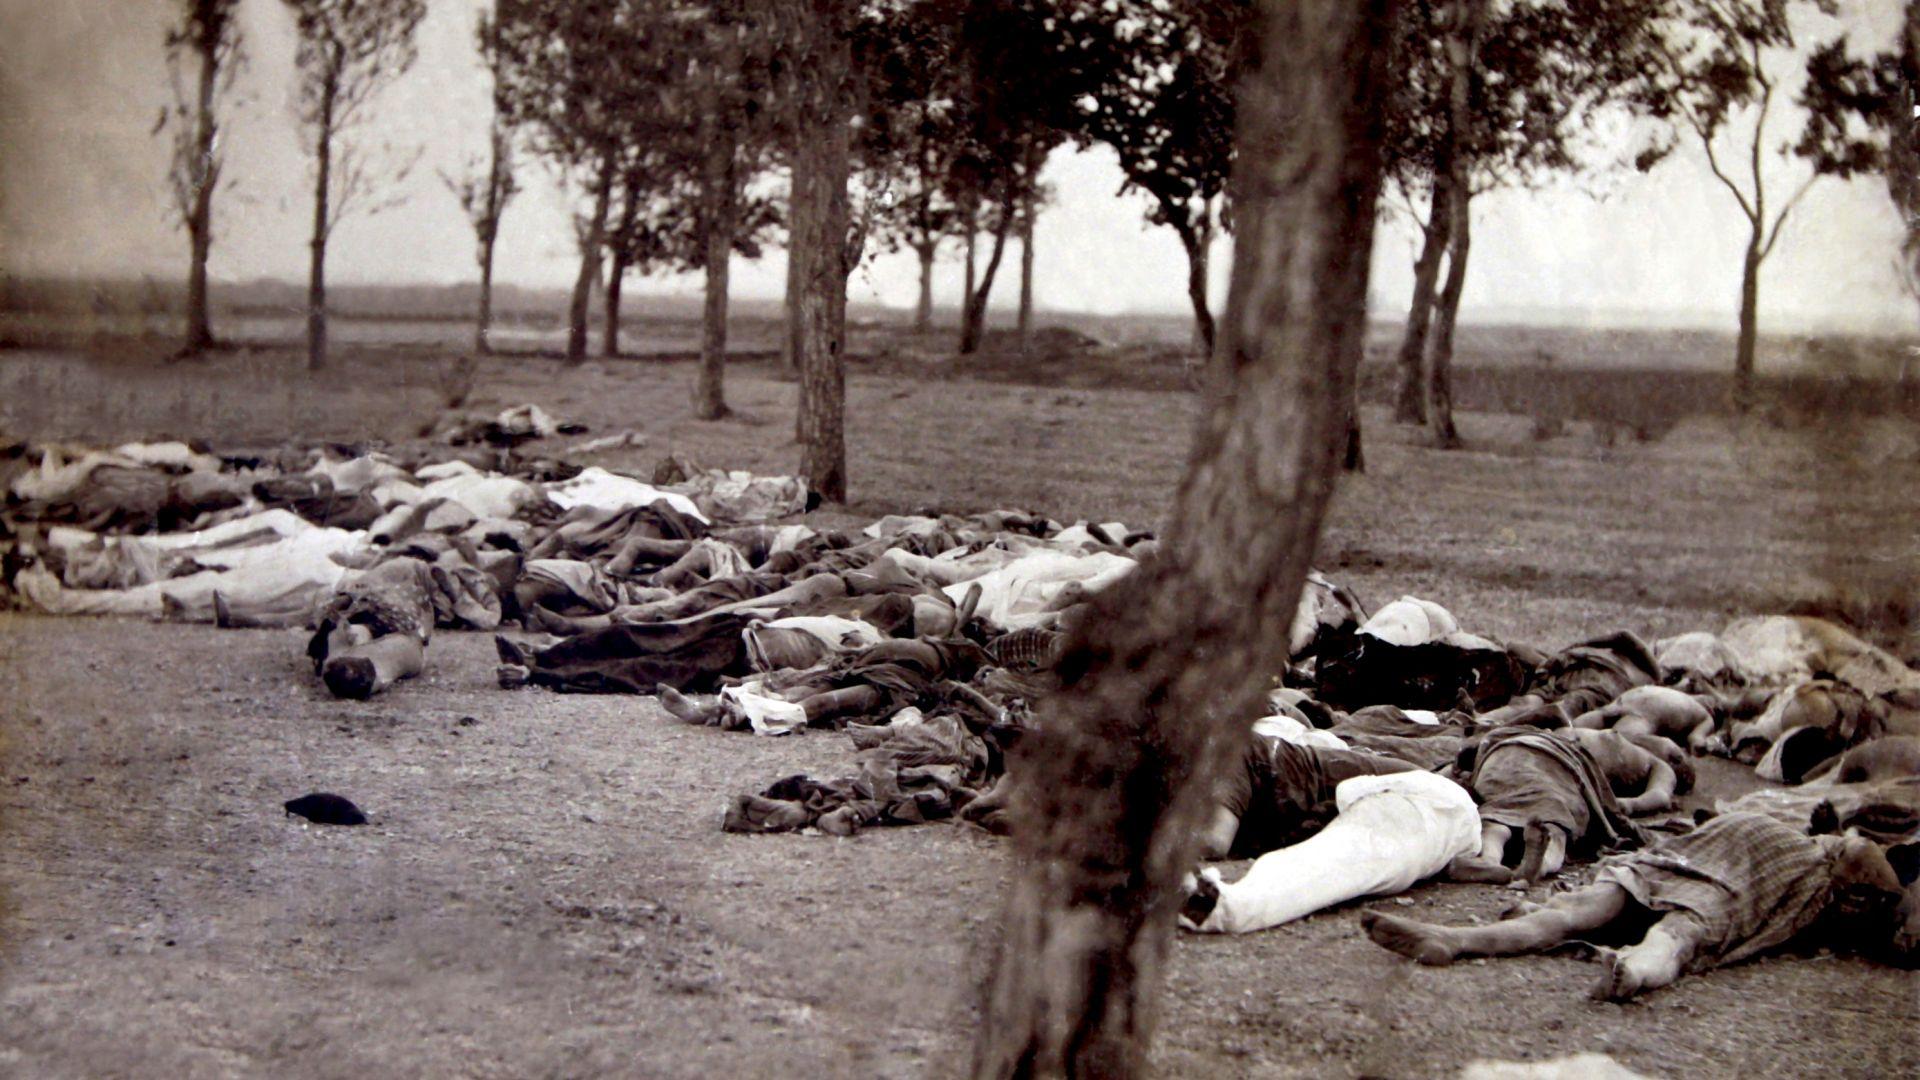 Джо Байдън призна арменския геноцид - за първи път президент на САЩ с решение срещу Турция